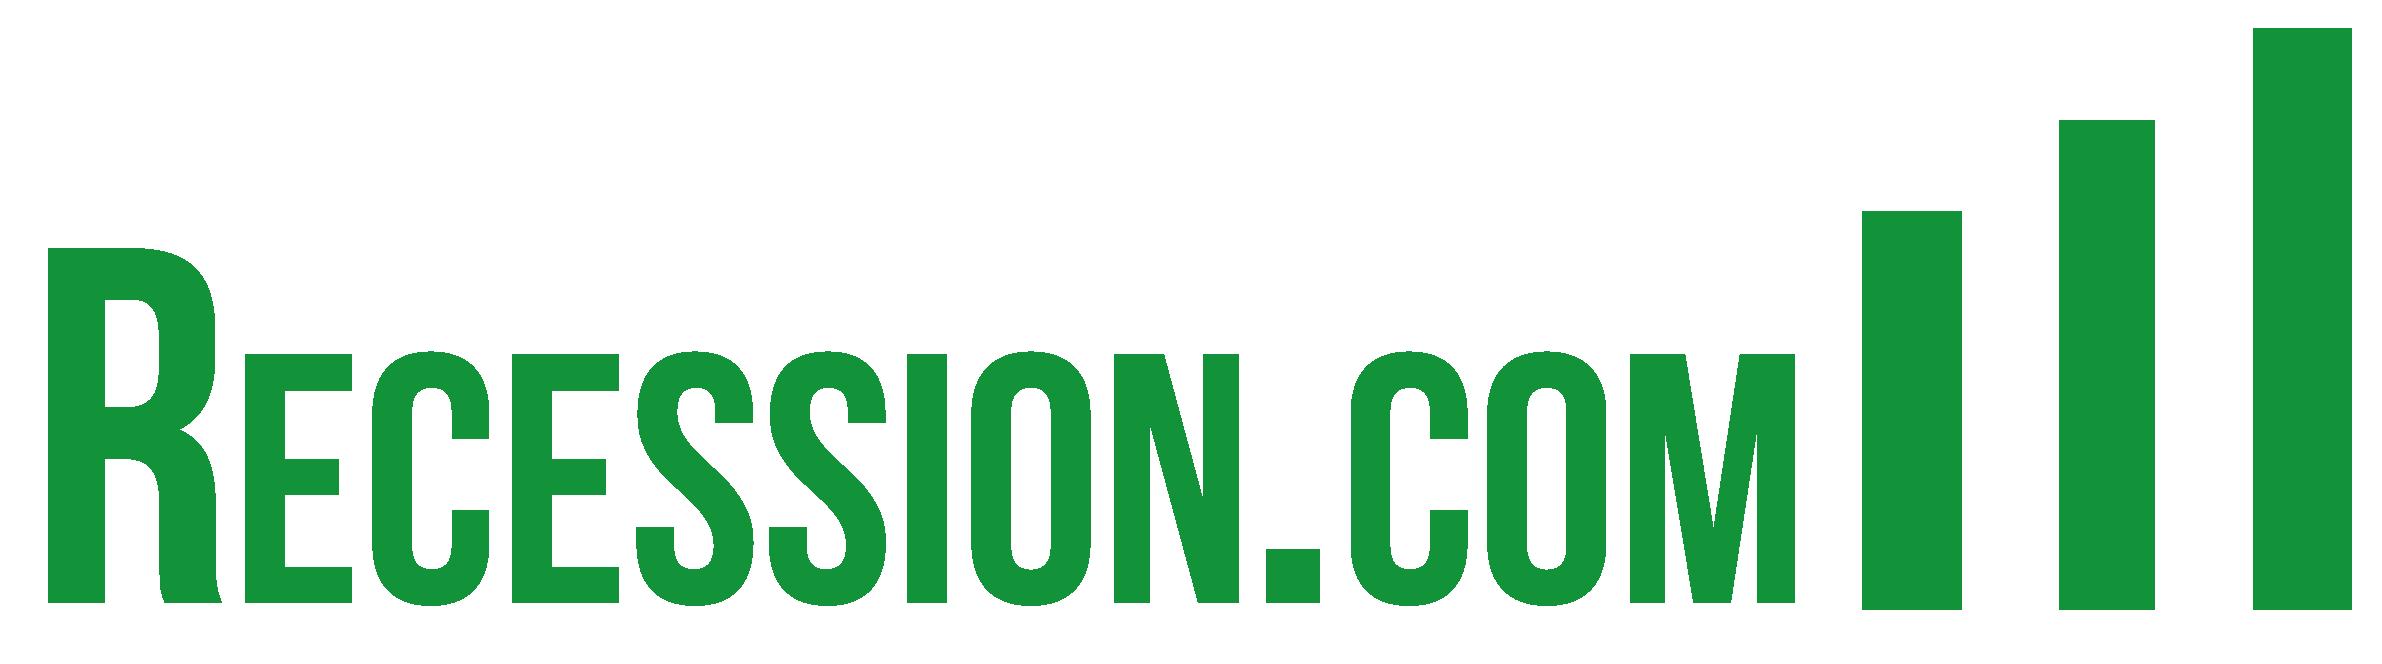 recession-logo-green-trans